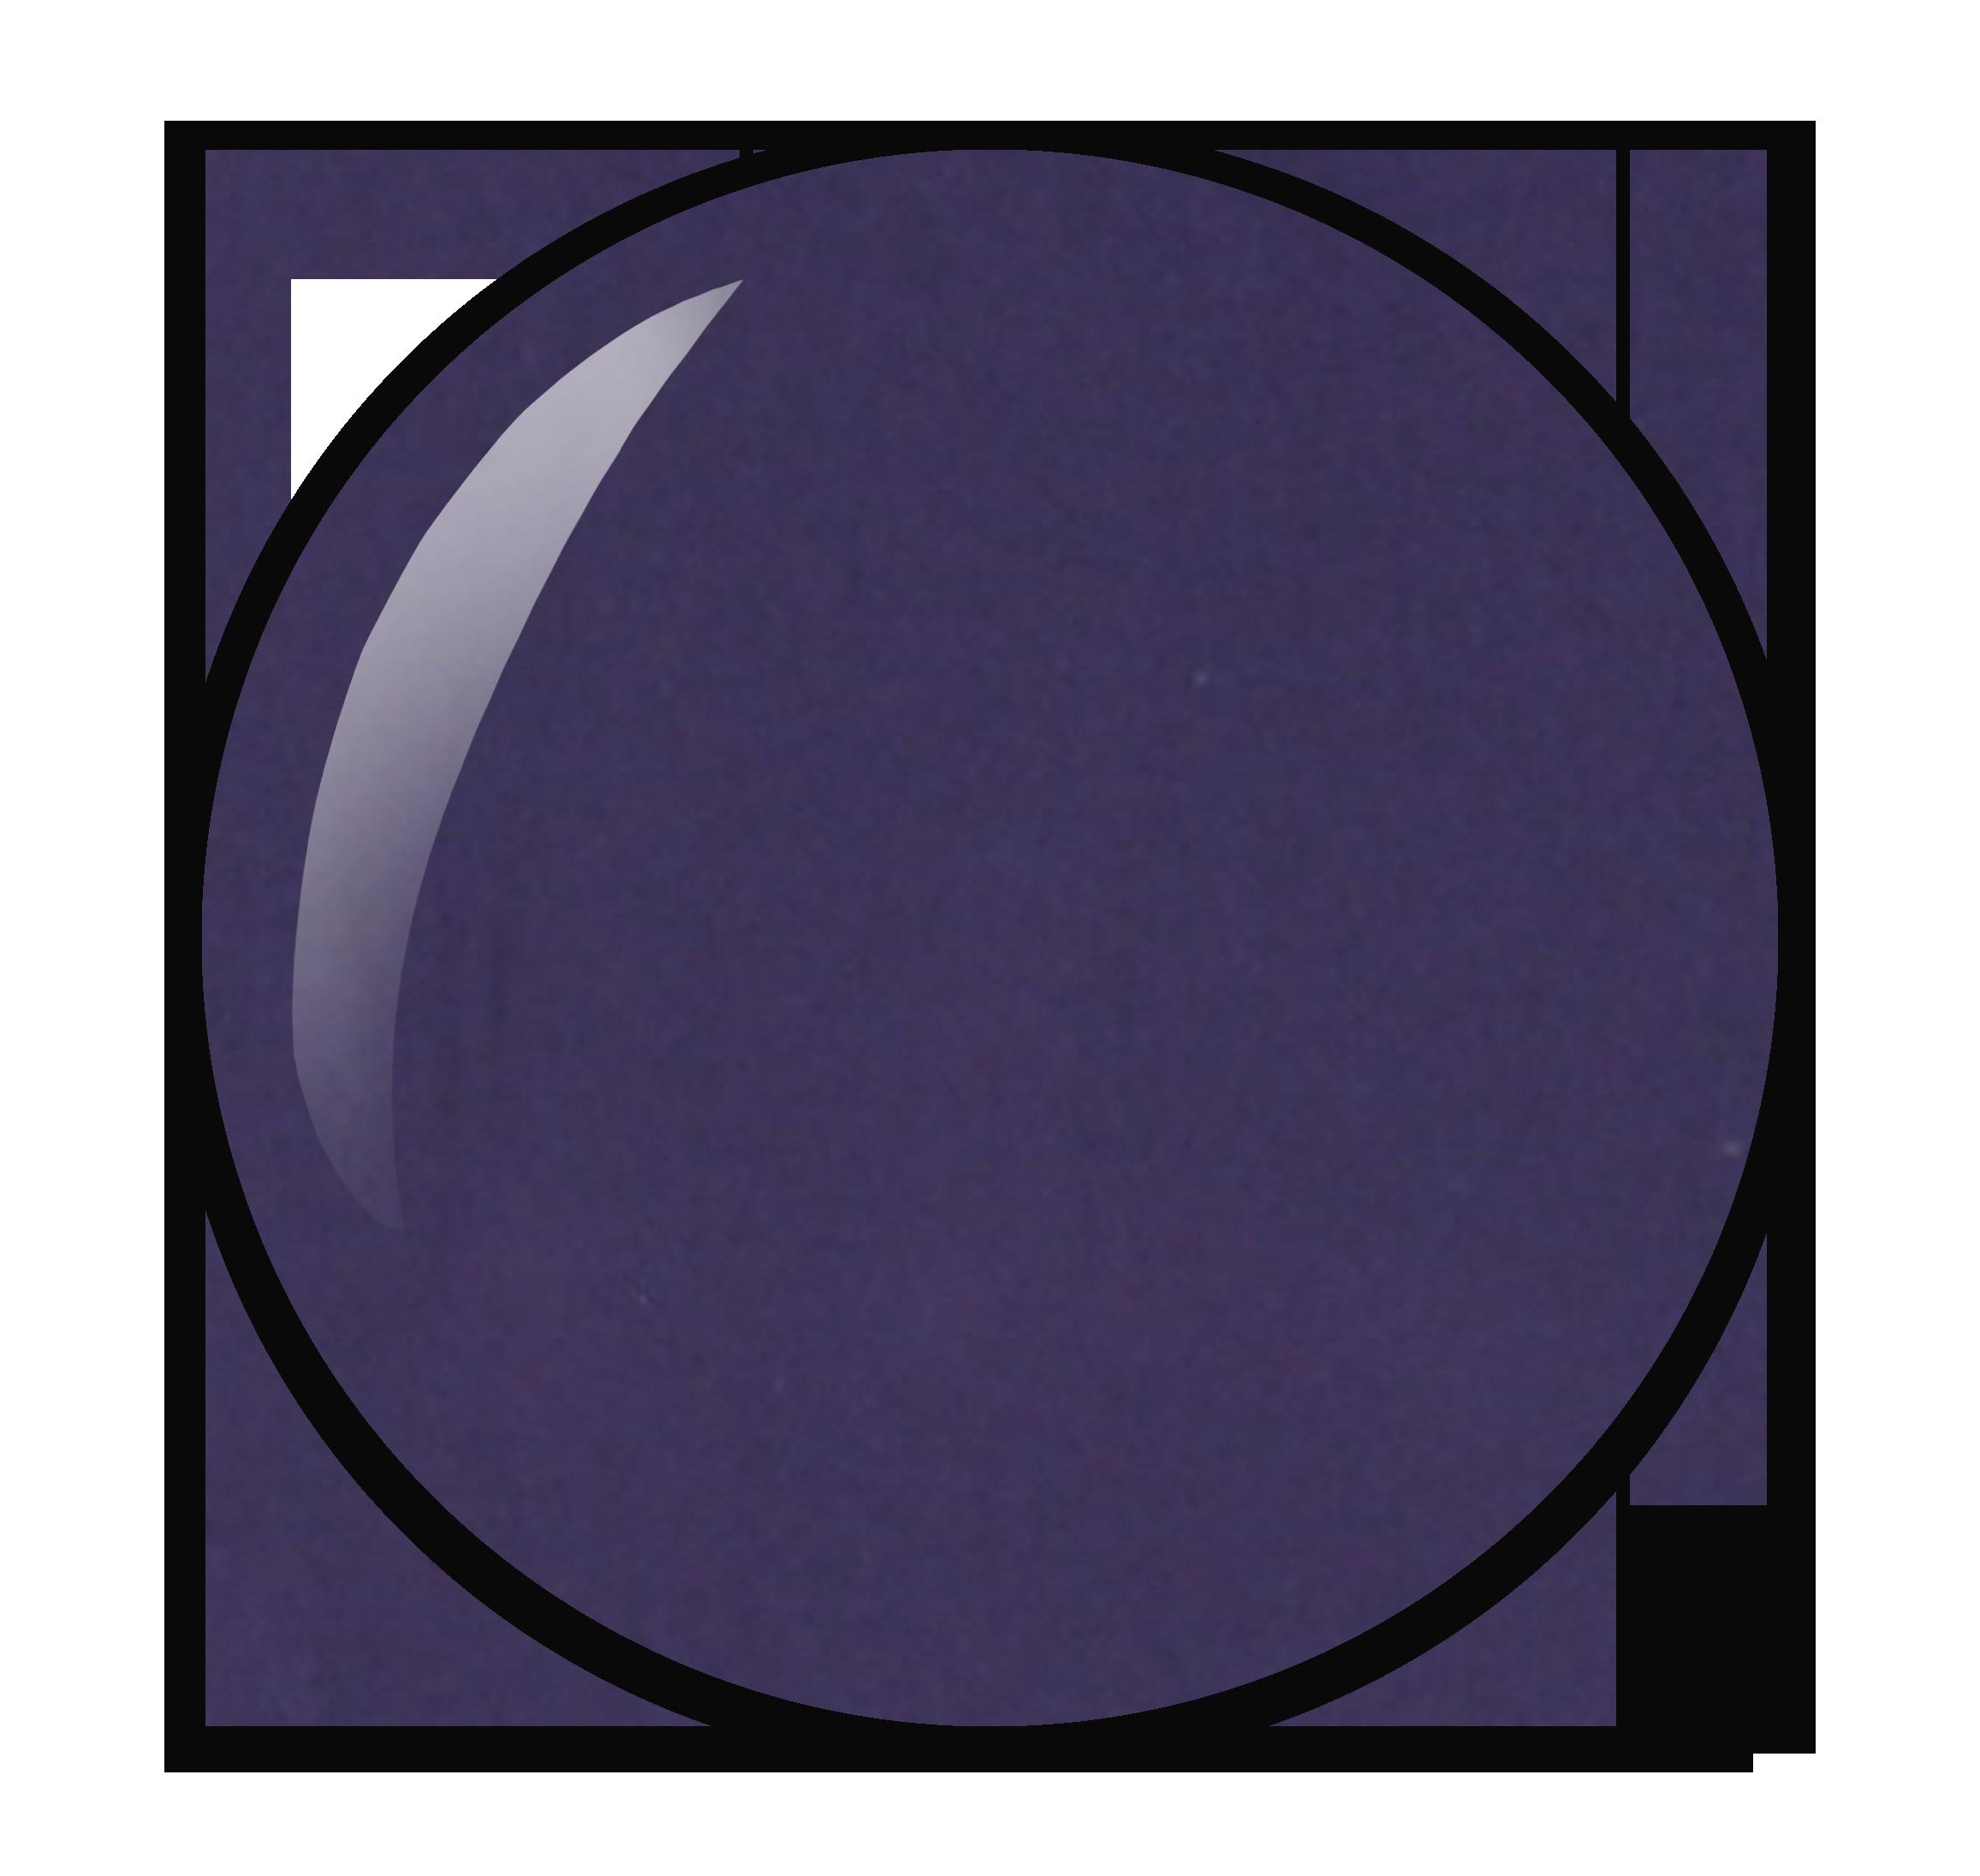 Paars metallic nagellak nummer 143 van de Herôme nagellak kleuren